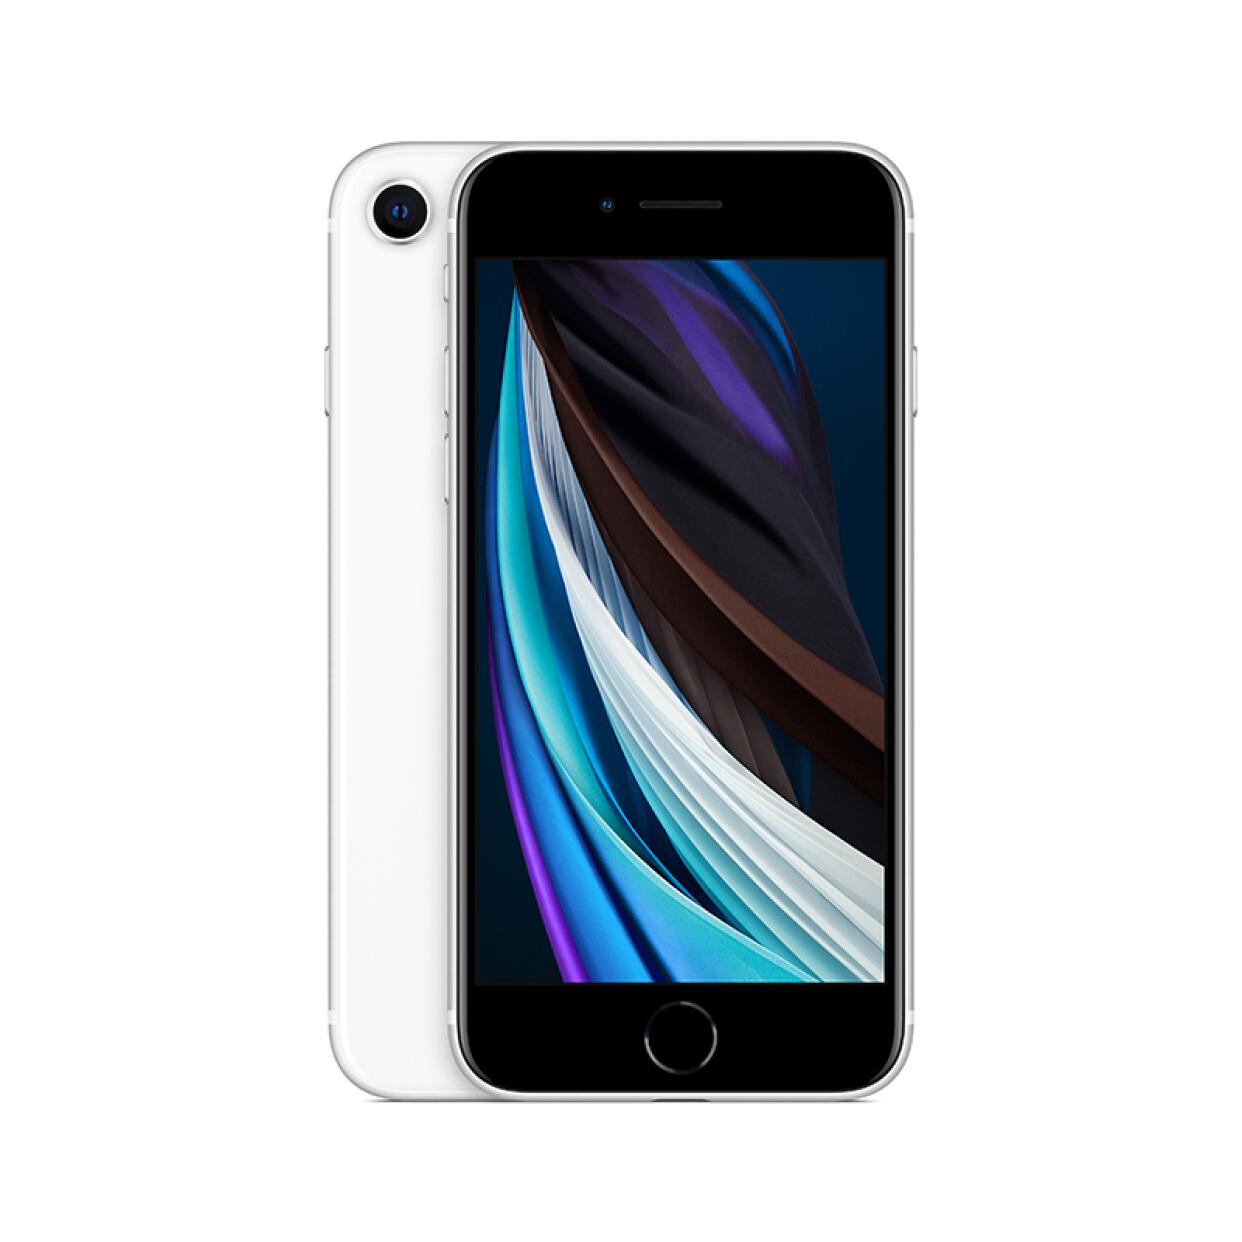 Apple iPhone SE (A2298) 128GB  移动联通电信4G手机